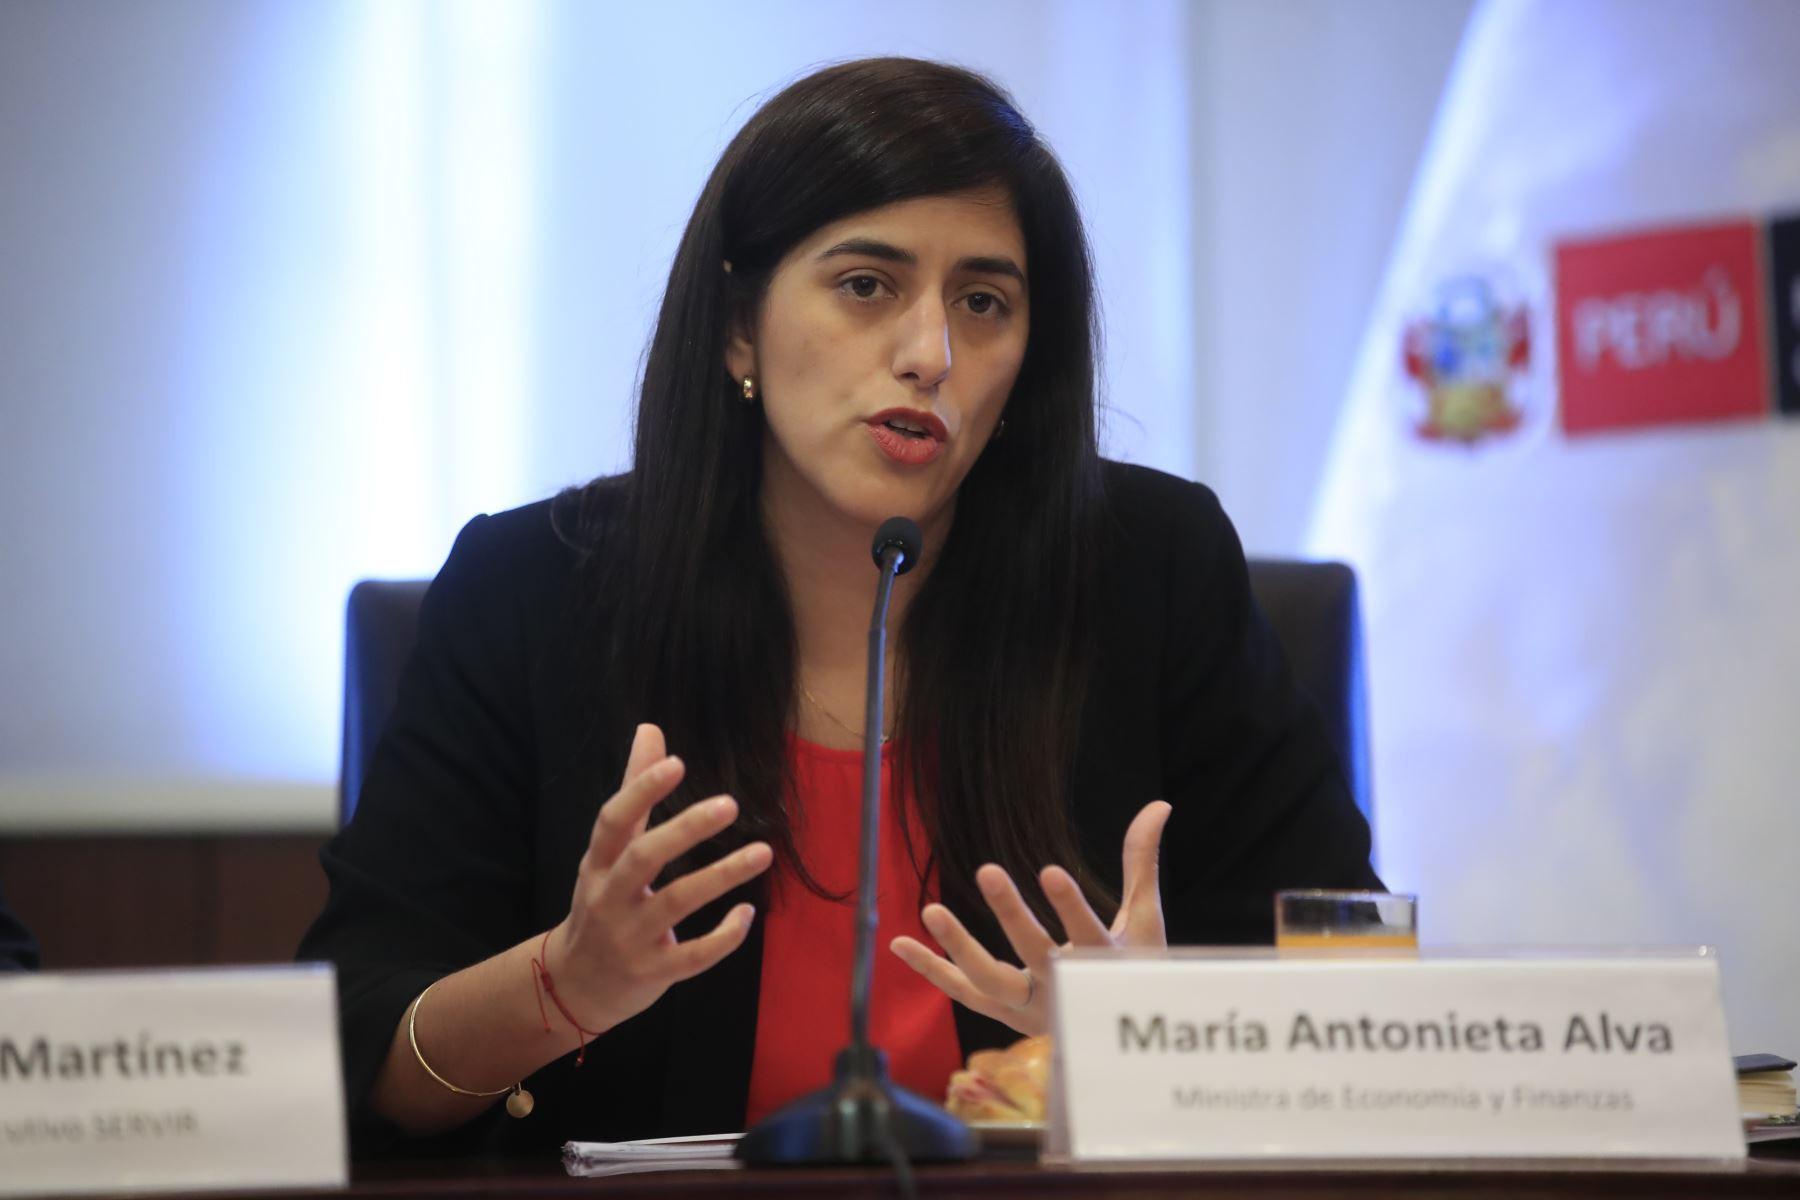 congresistas-presentaron-mocion-de-censura-contra-maria-antonieta-alva